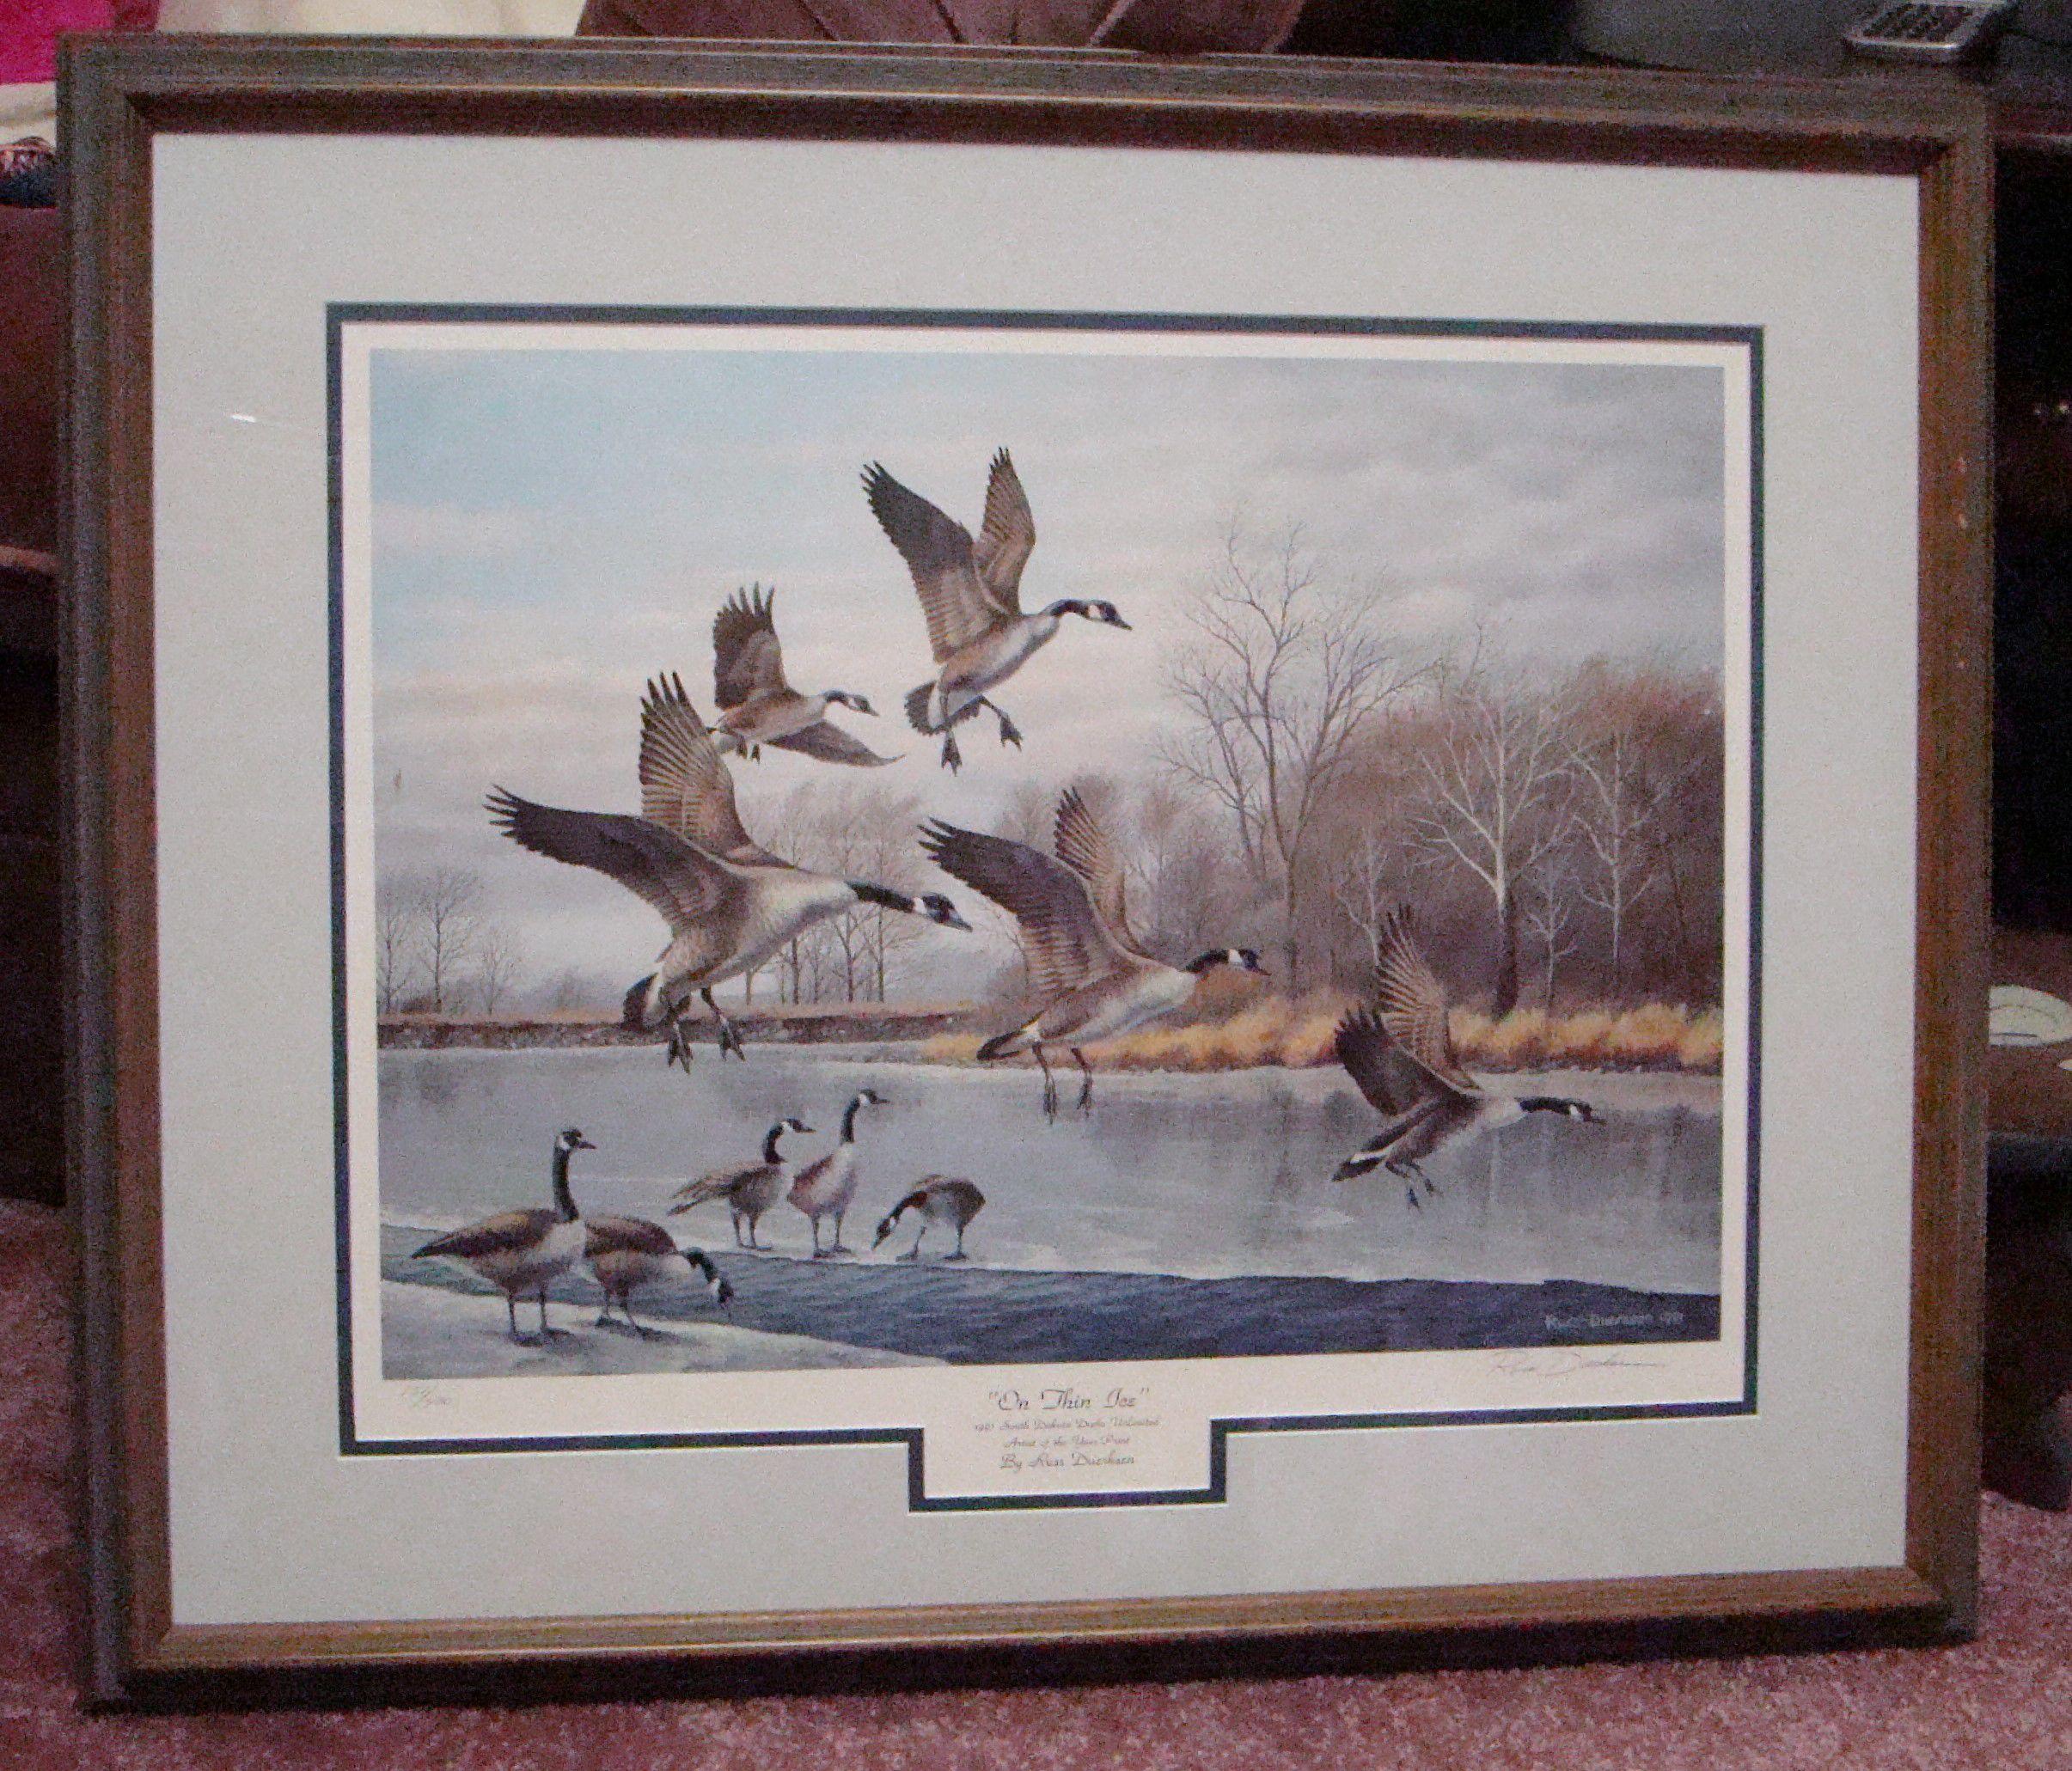 Russ Duerkson Goose Print image 1